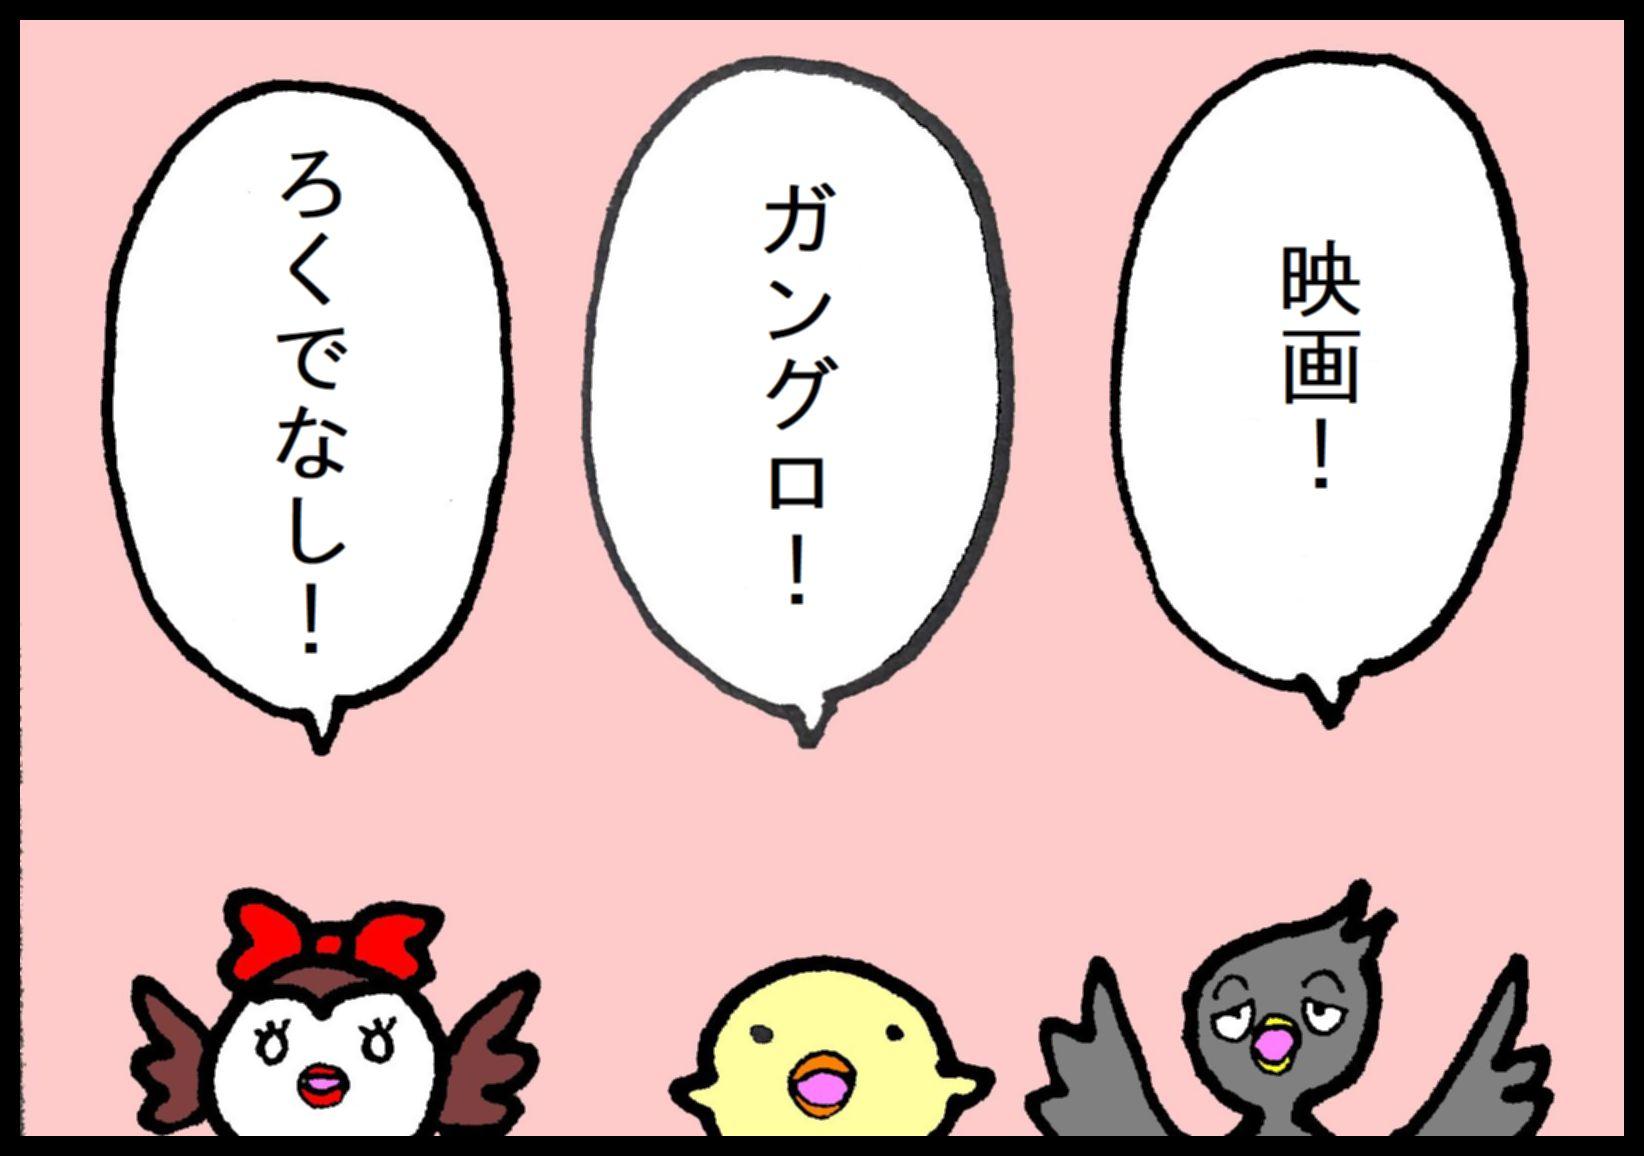 『夕やけちょこ』その31「しりとり」(3)